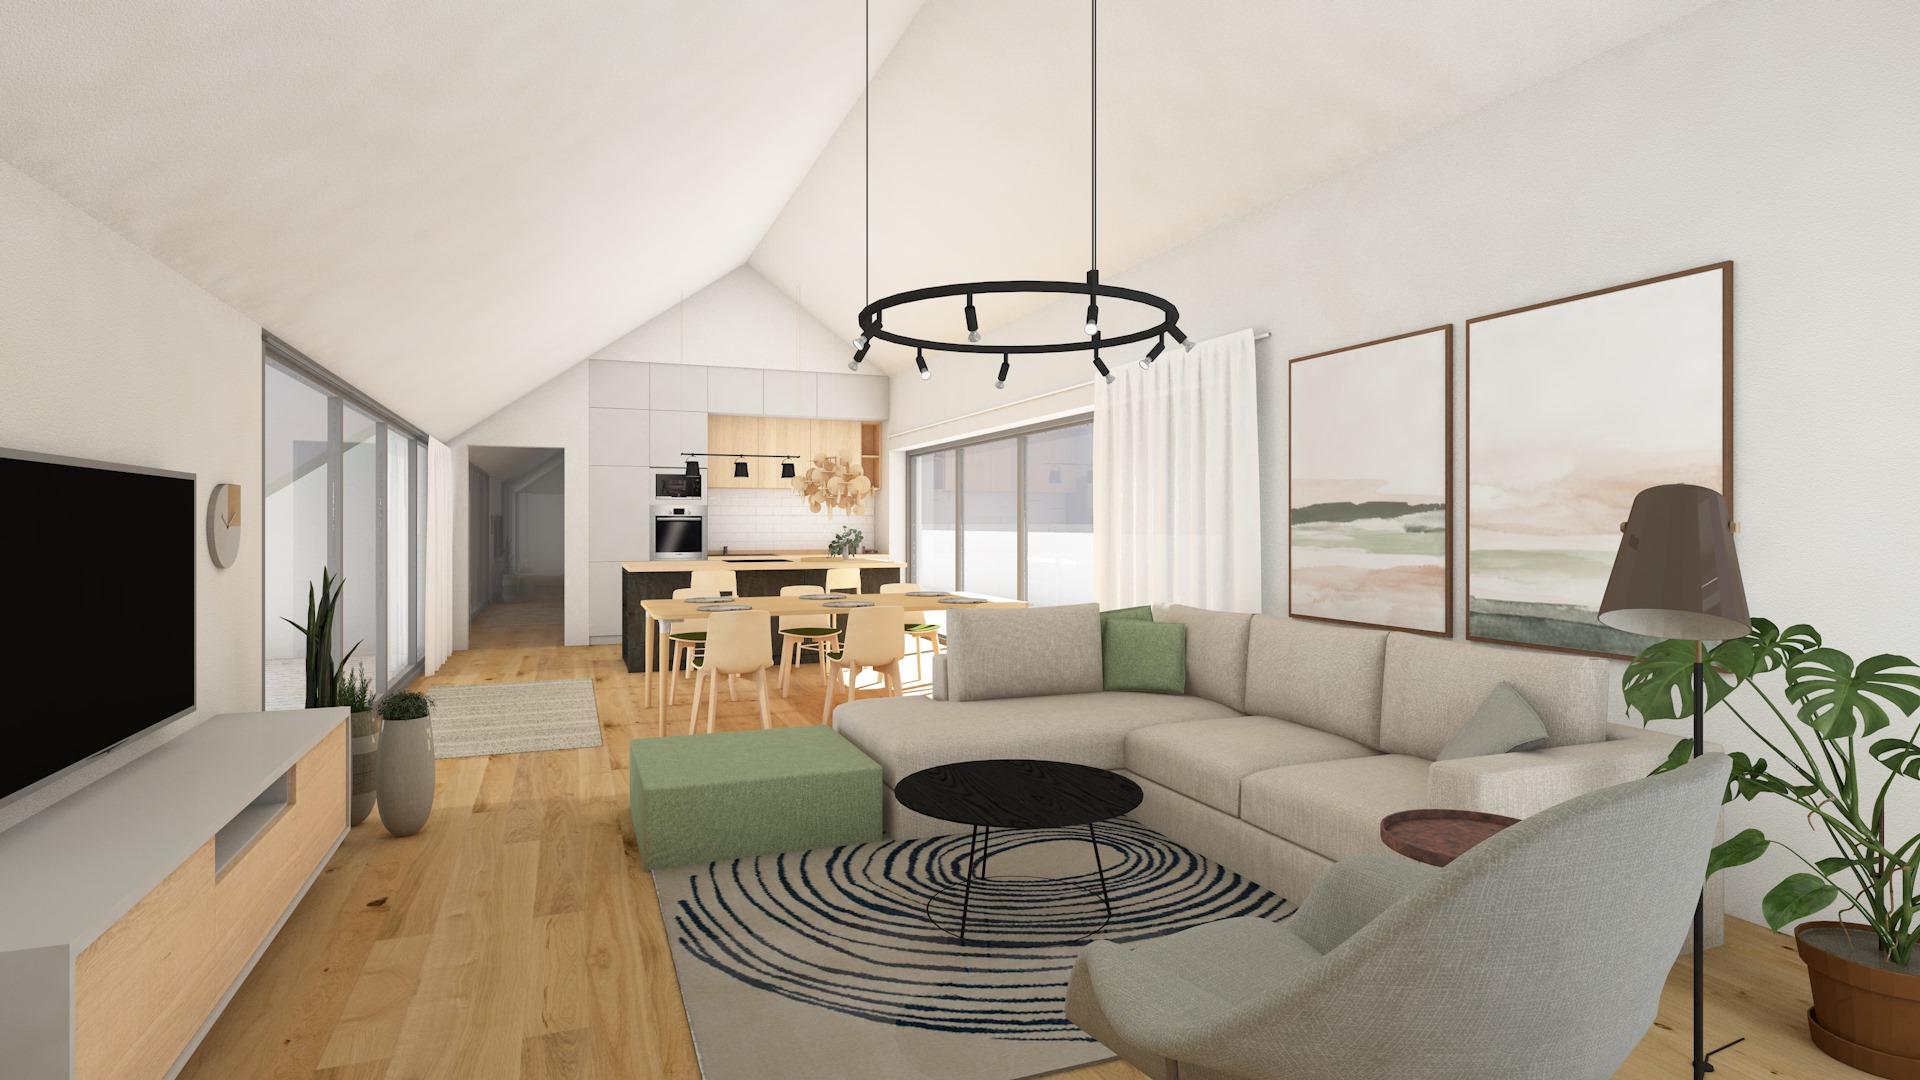 Dachgeschoß-Loft-Wohnung